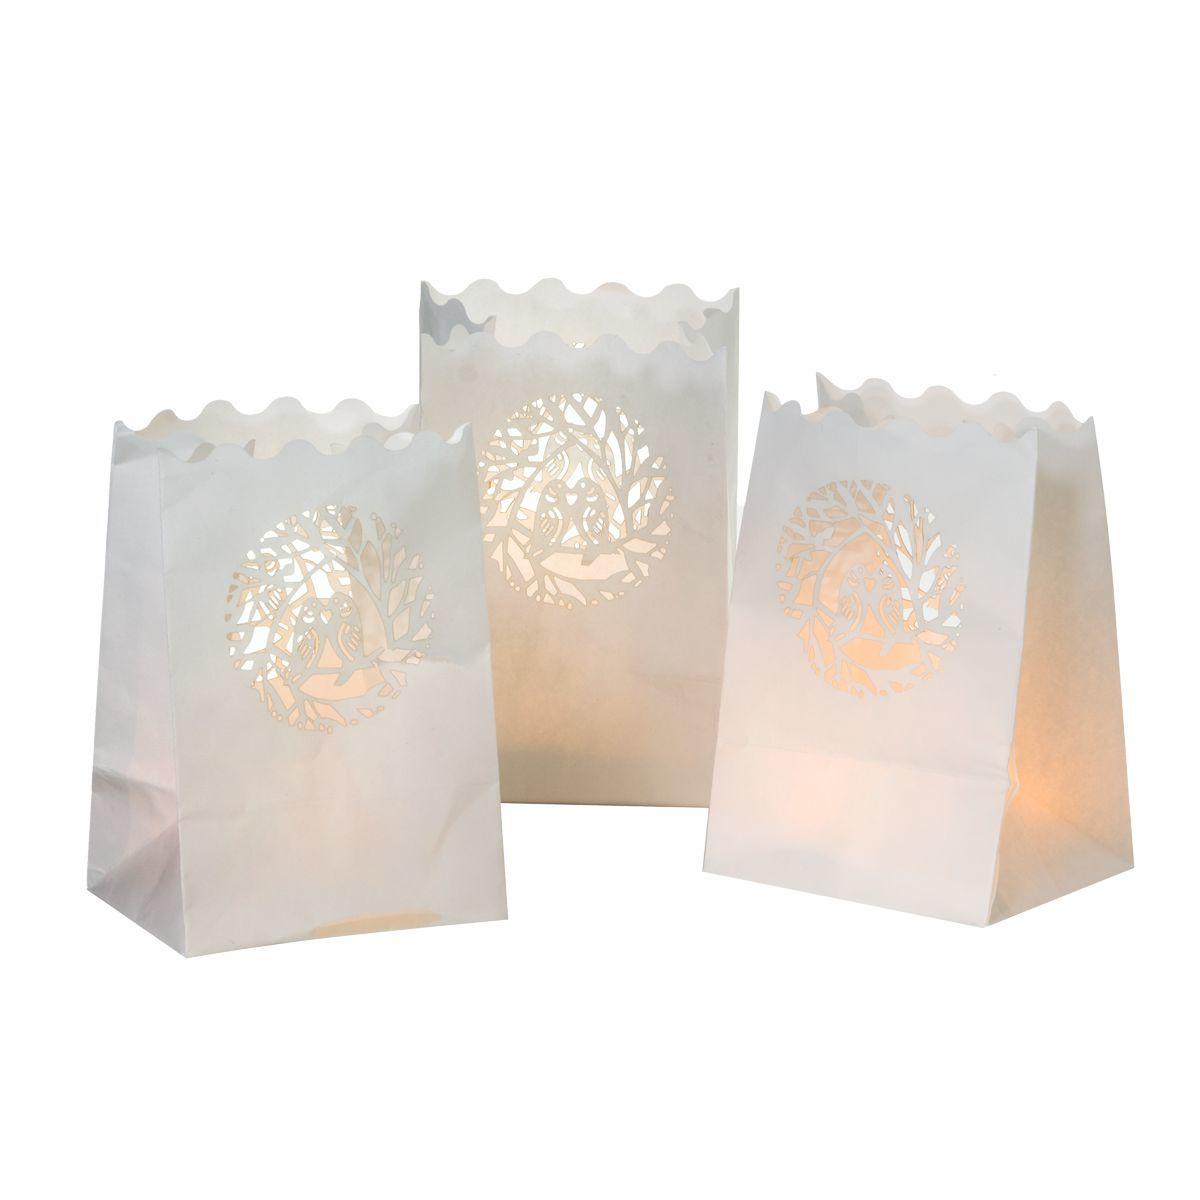 Innenarchitektur Einfallsreiche Geschenke Beste Wahl Lichtertüten Spatzenpaar